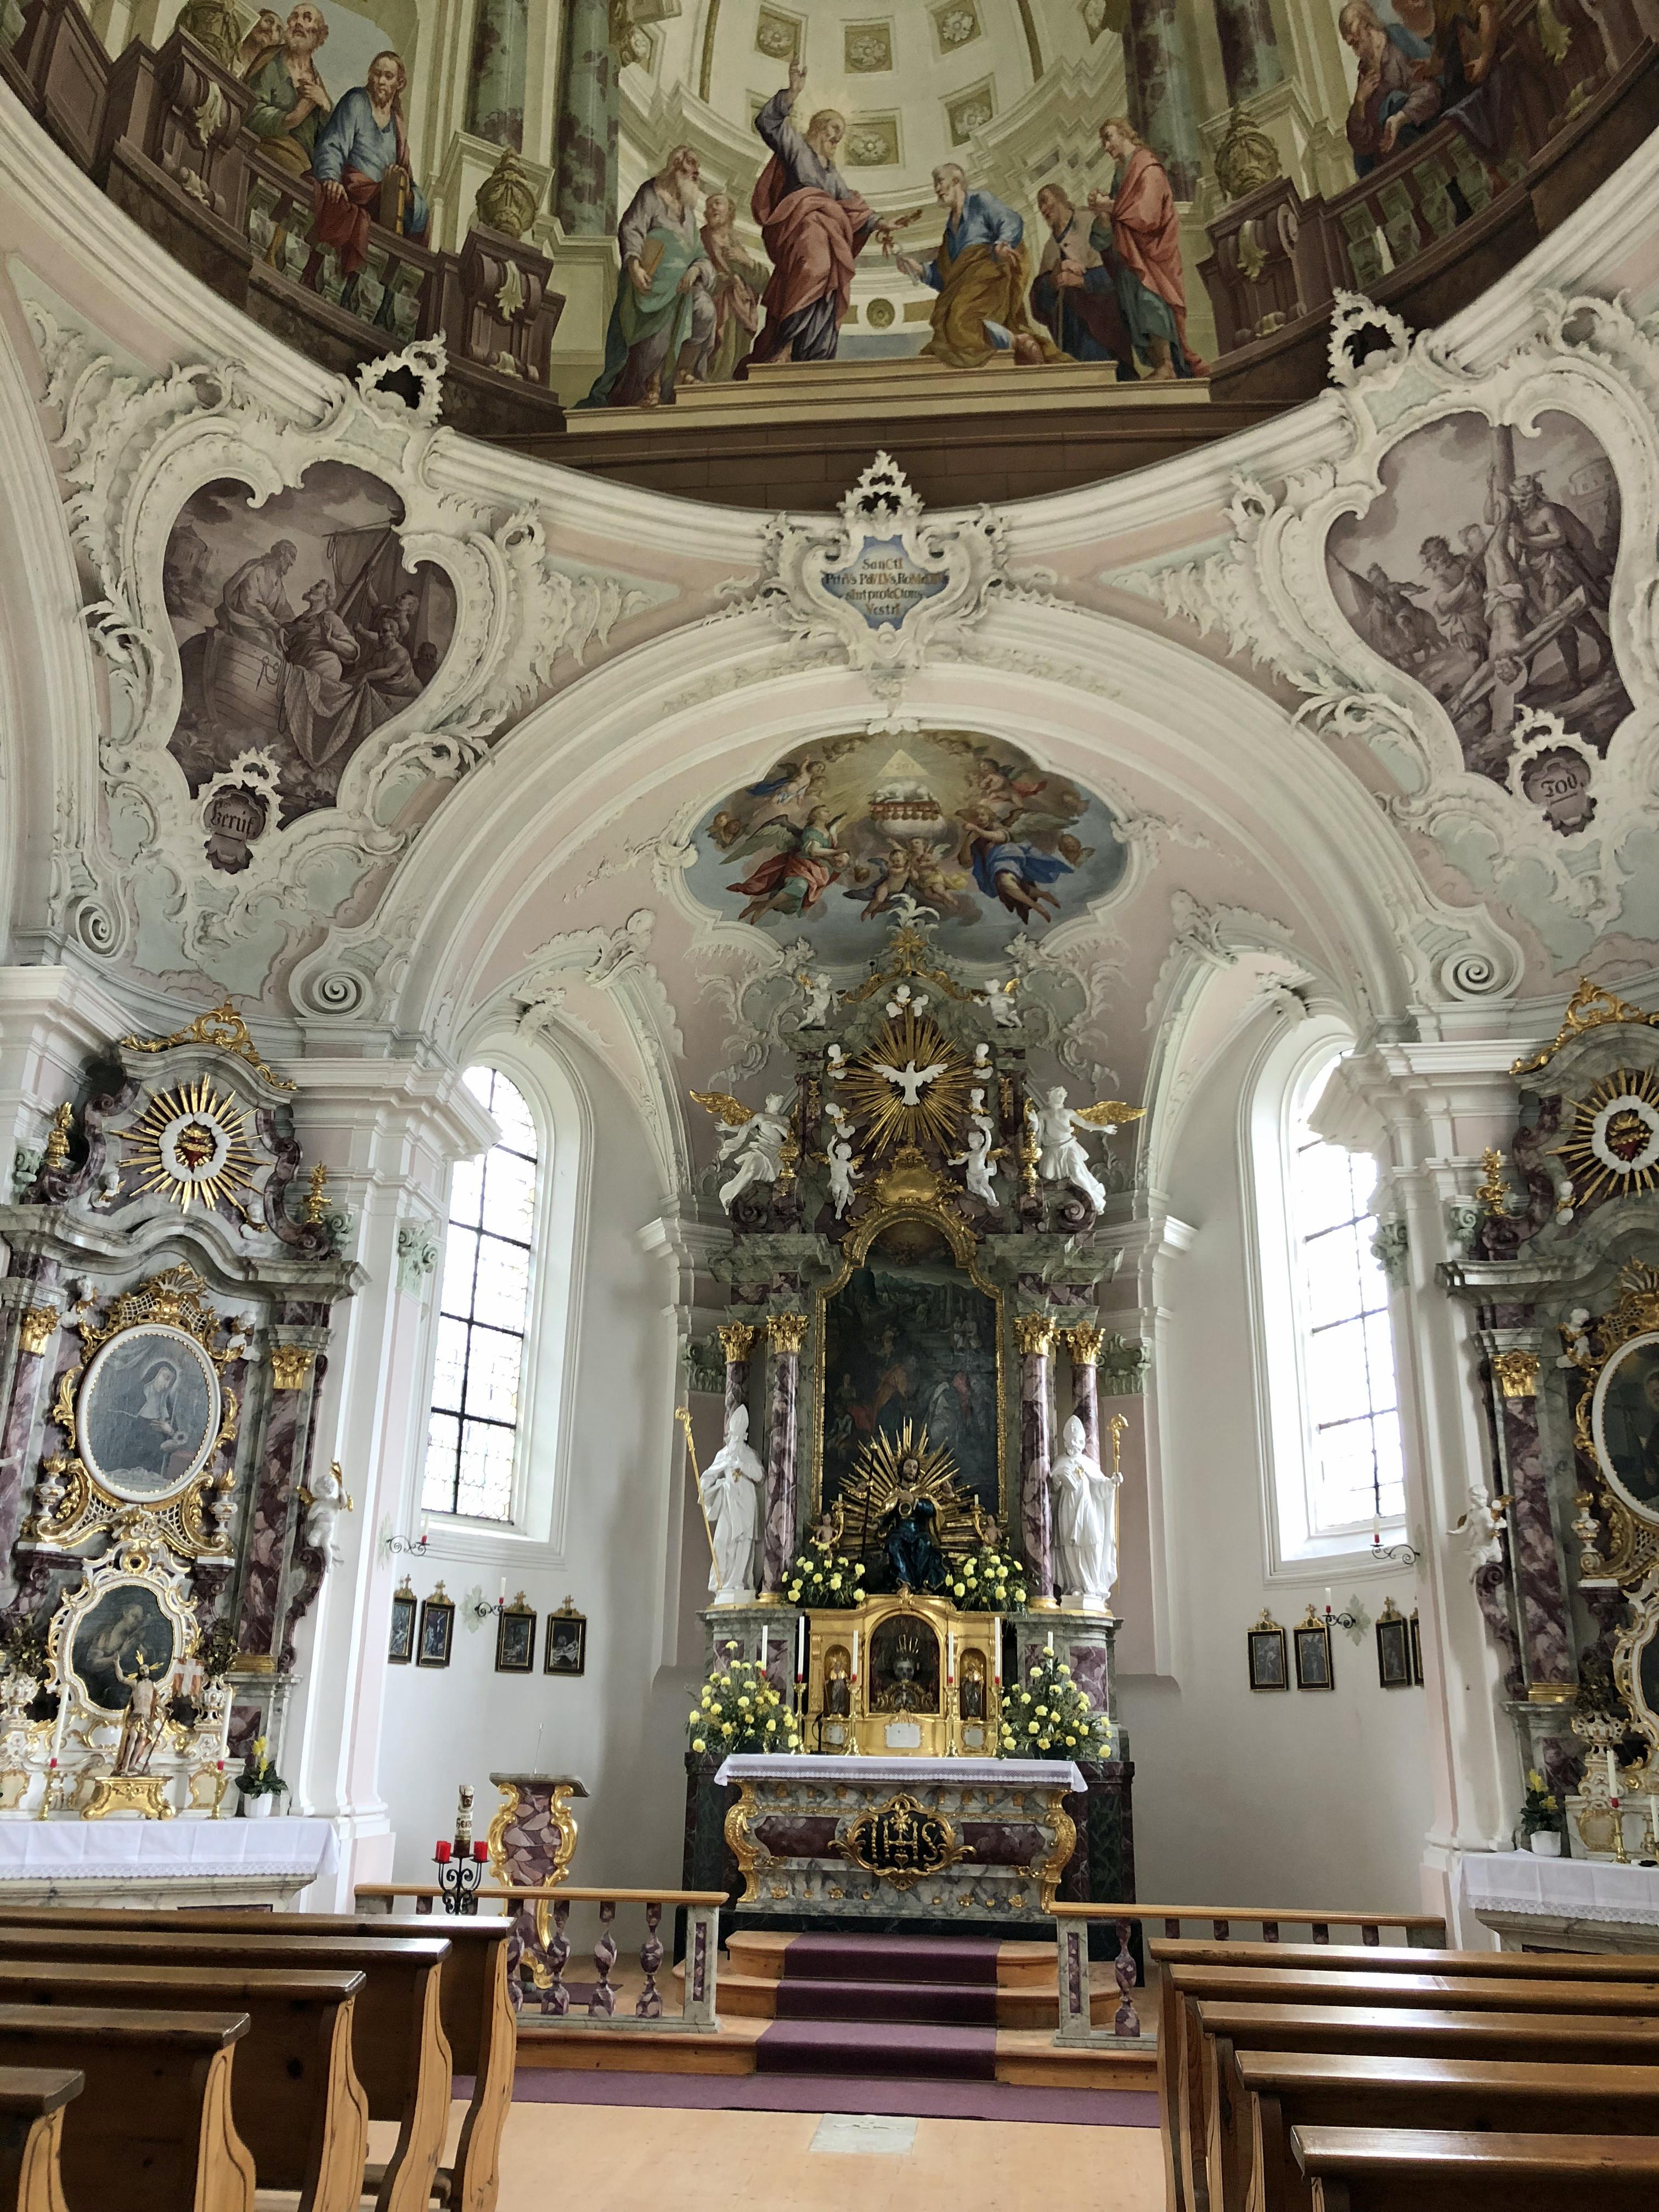 Prachtvolle Kapelle: Der beeindruckende Innenraum der Romedius-Kapelle